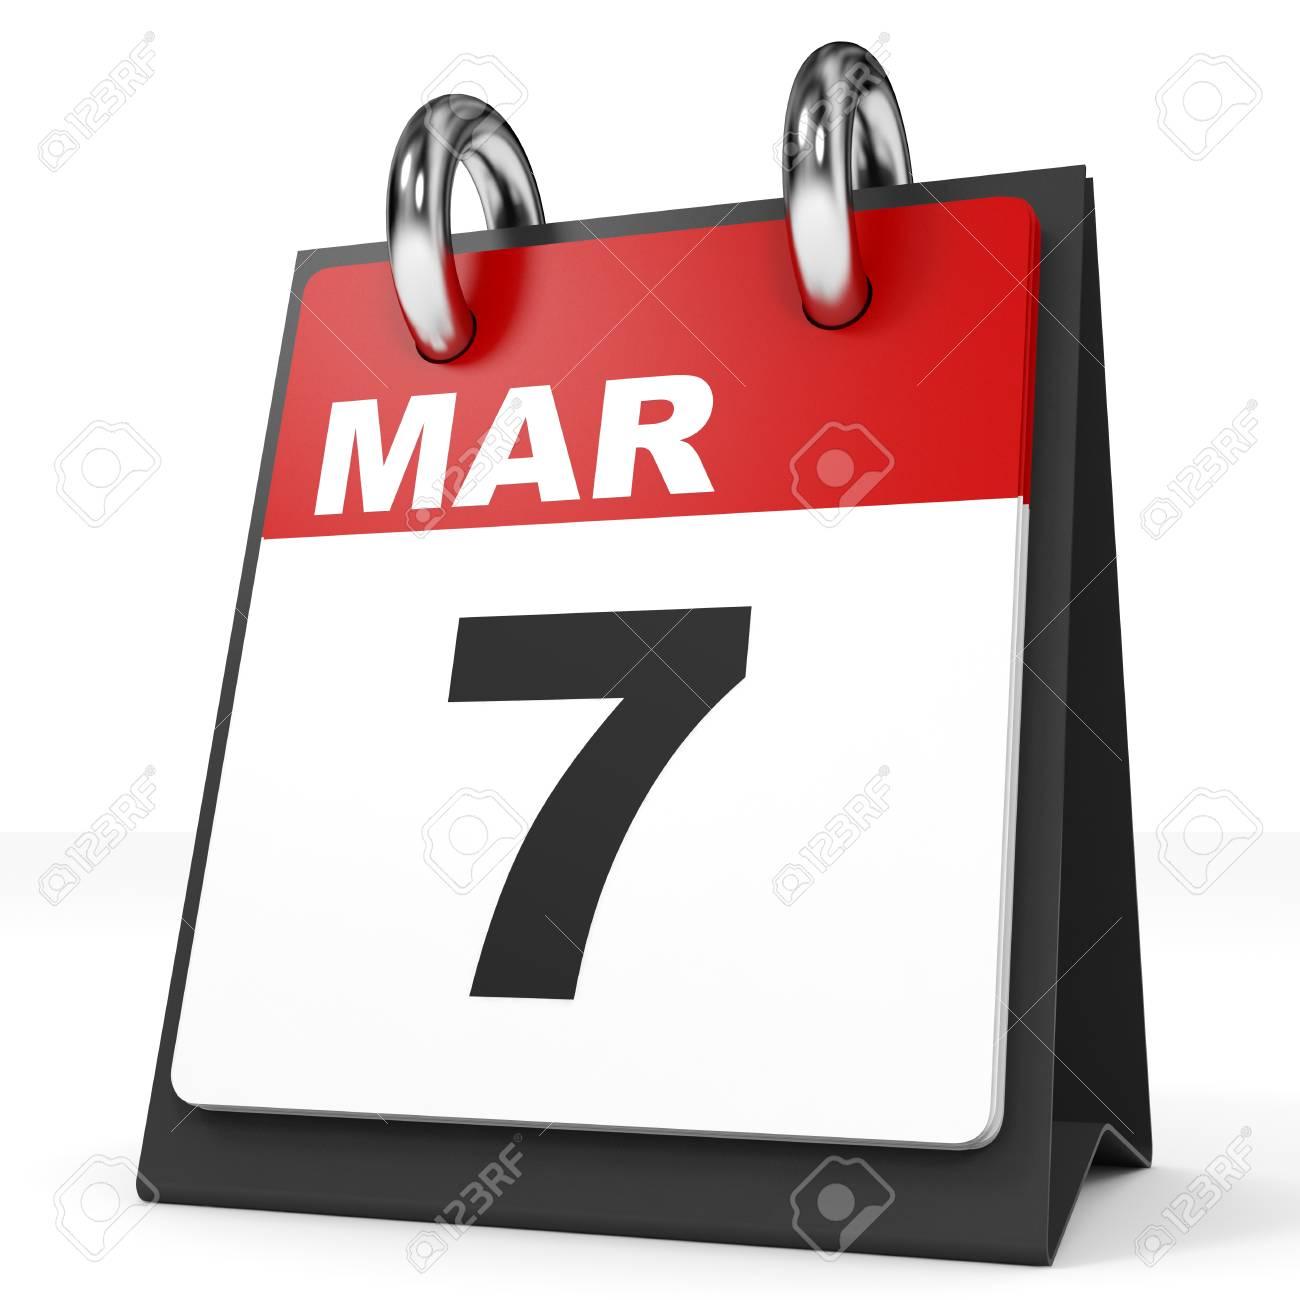 Efemérides: ¿qué pasó el 7 de marzo?--Noticias de Canada-@latincanada.ca